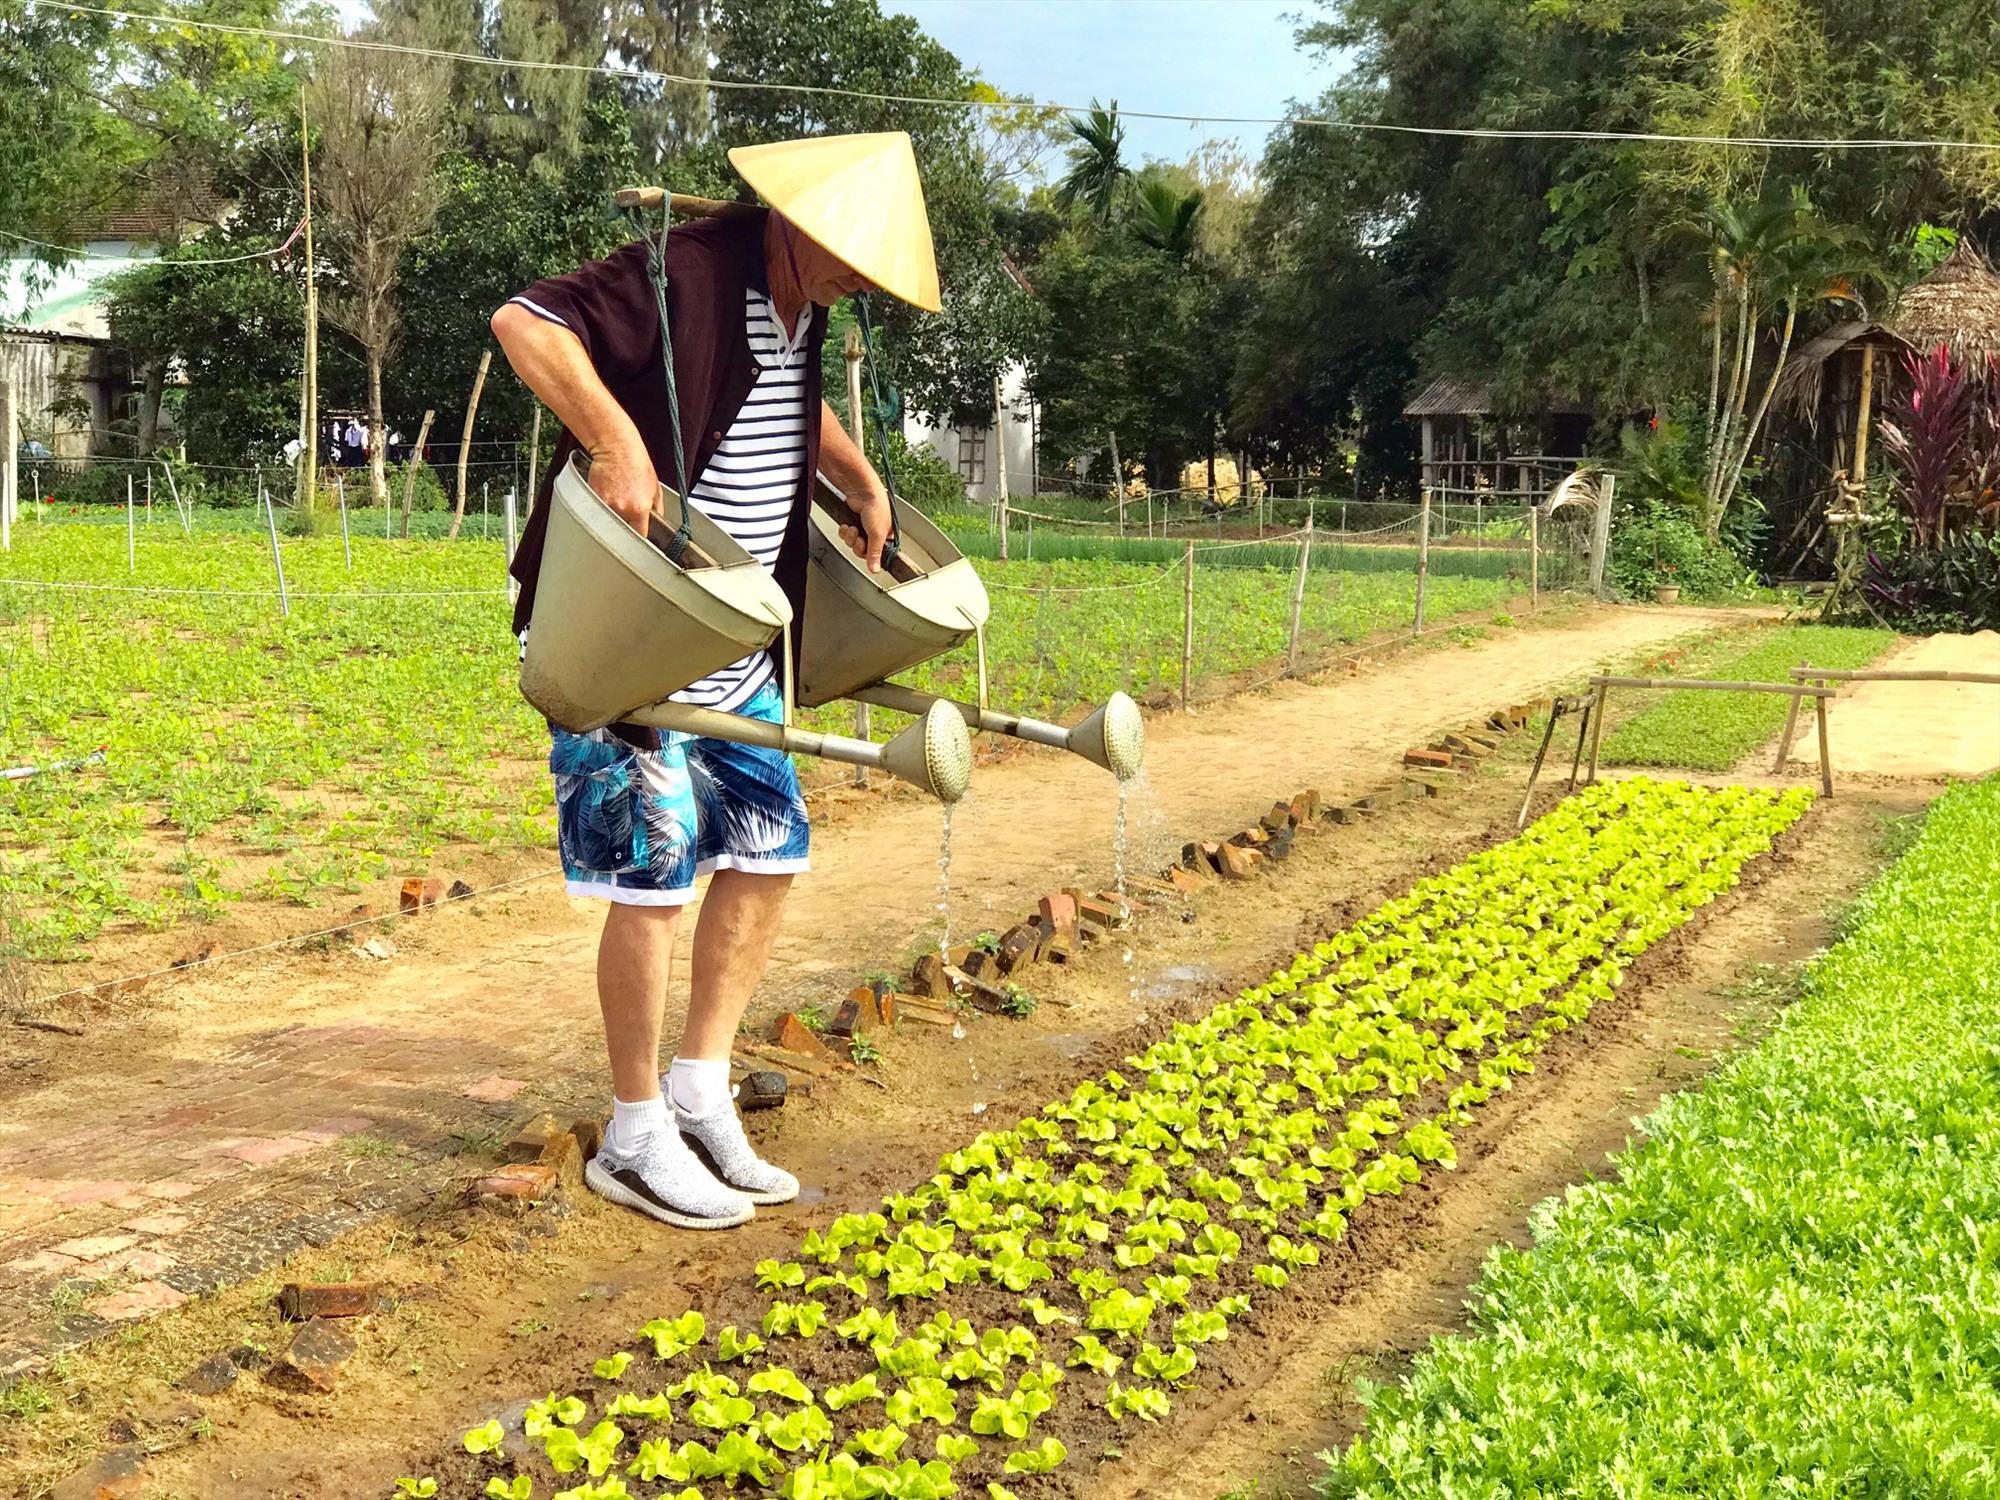 Làng rau Trà Quế cần cải tiến thêm sản phẩm du lịch nông nghiệp để thu hút du khách. Ảnh: H.S